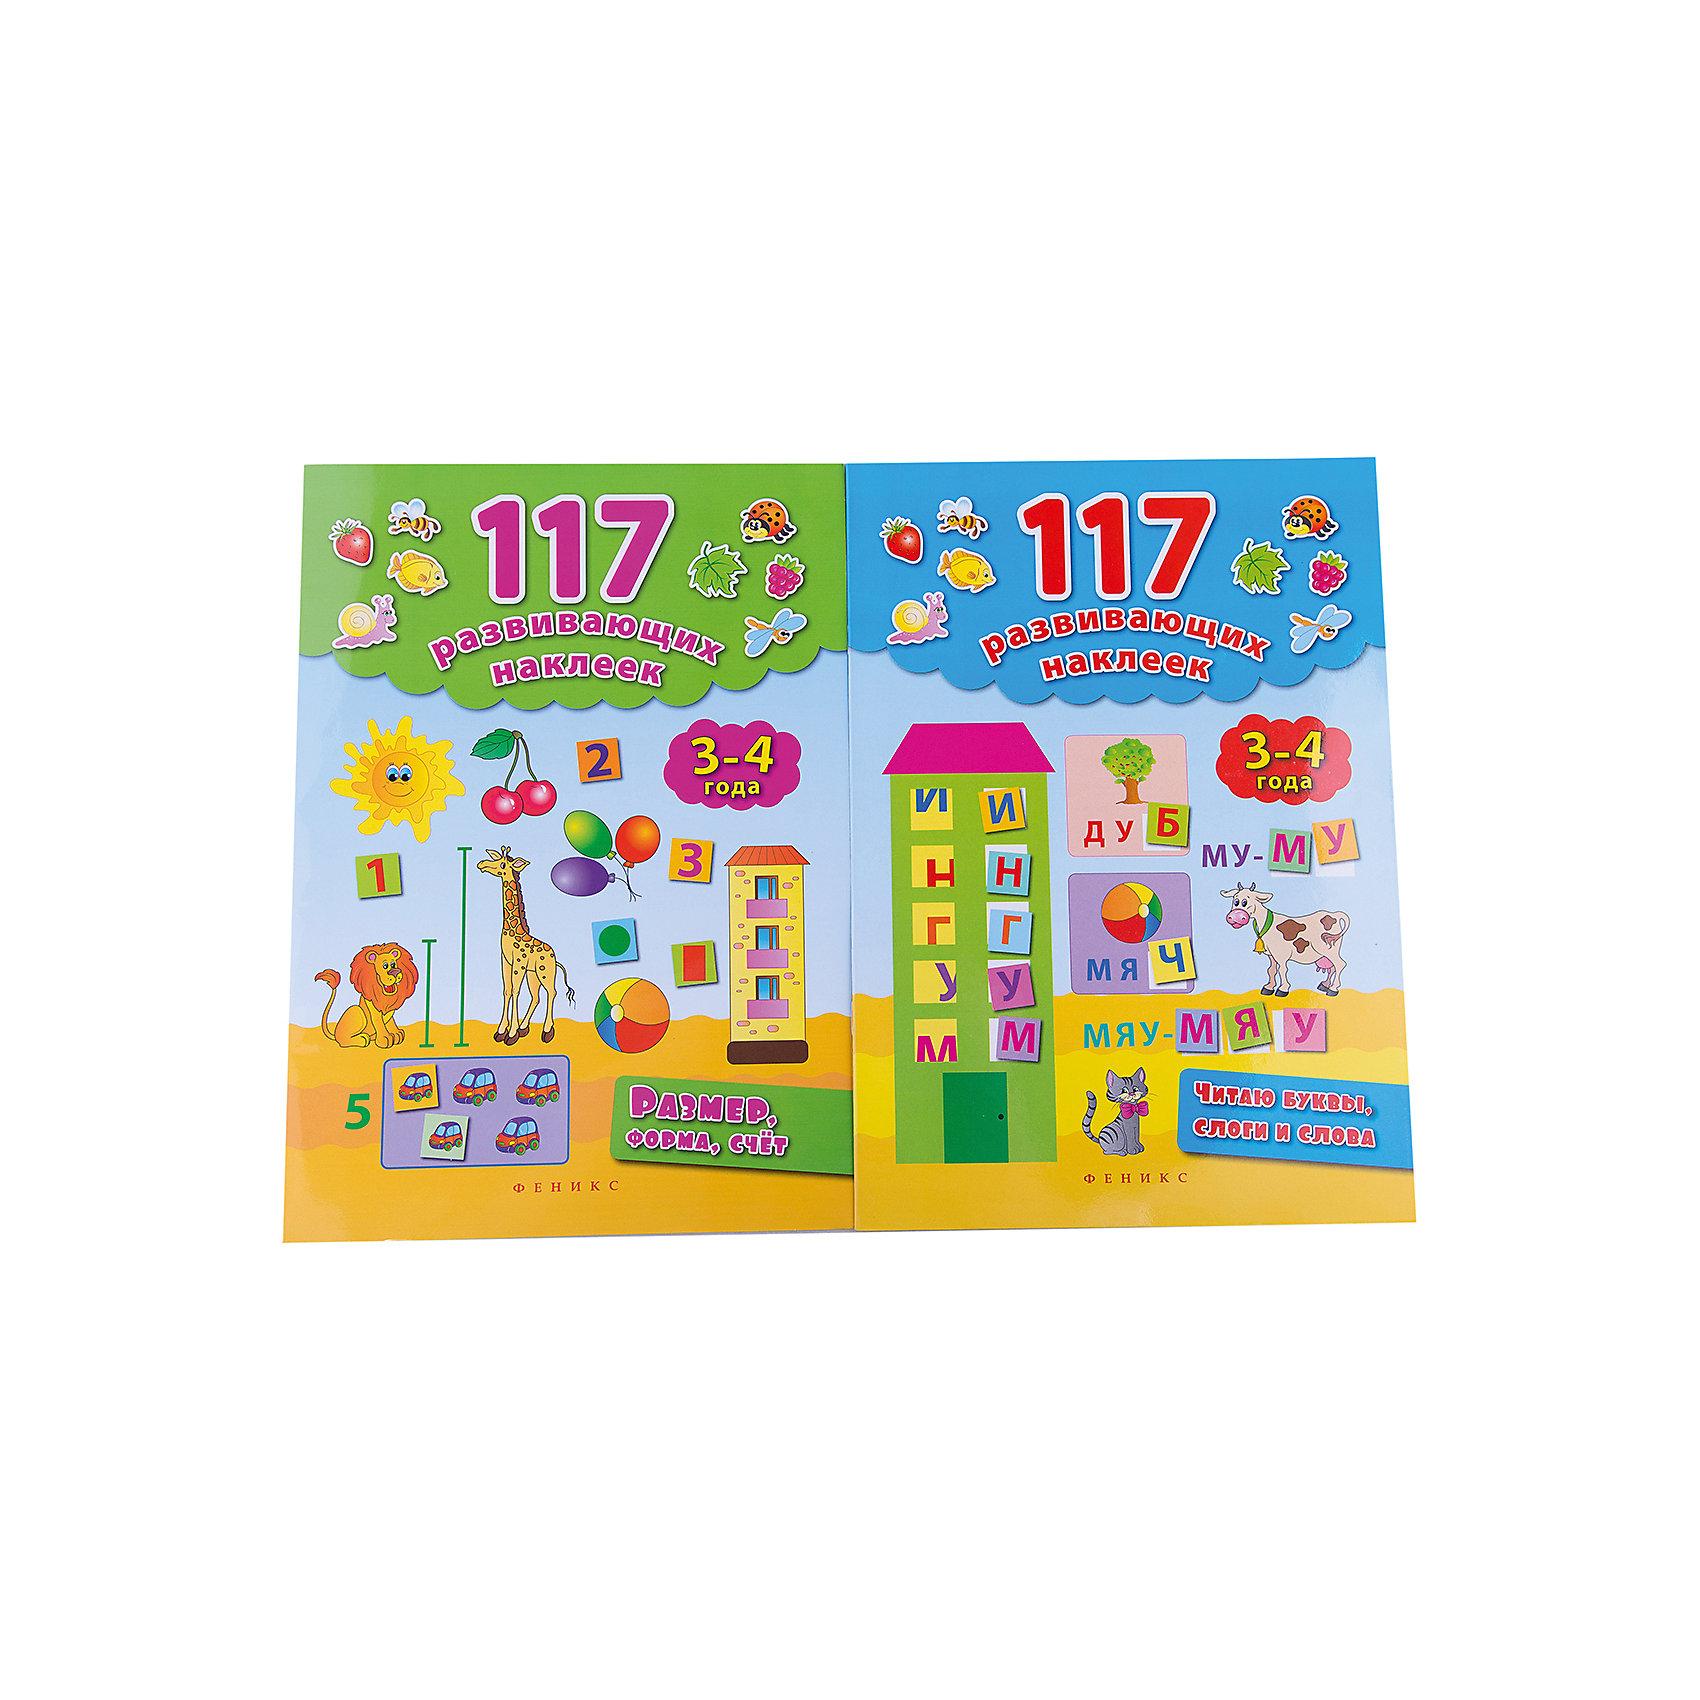 Комплект развивающих наклеек (3-4 года)Книжки с наклейками<br>Плакат с наклейками - это необычный и интересный формат для знакомства малыша с новыми темами. <br>Как это работает?<br>- занятия с наклейками способствуют развитию мелкой моторики;<br>- пошаговое наклеивание персонажей и предметов позволяет лучше их запомнить;<br>- работа с наклейками может занять малыша надолго.<br><br>Ширина мм: 281<br>Глубина мм: 199<br>Высота мм: 40<br>Вес г: 510<br>Возраст от месяцев: 36<br>Возраст до месяцев: 48<br>Пол: Унисекс<br>Возраст: Детский<br>SKU: 6873649